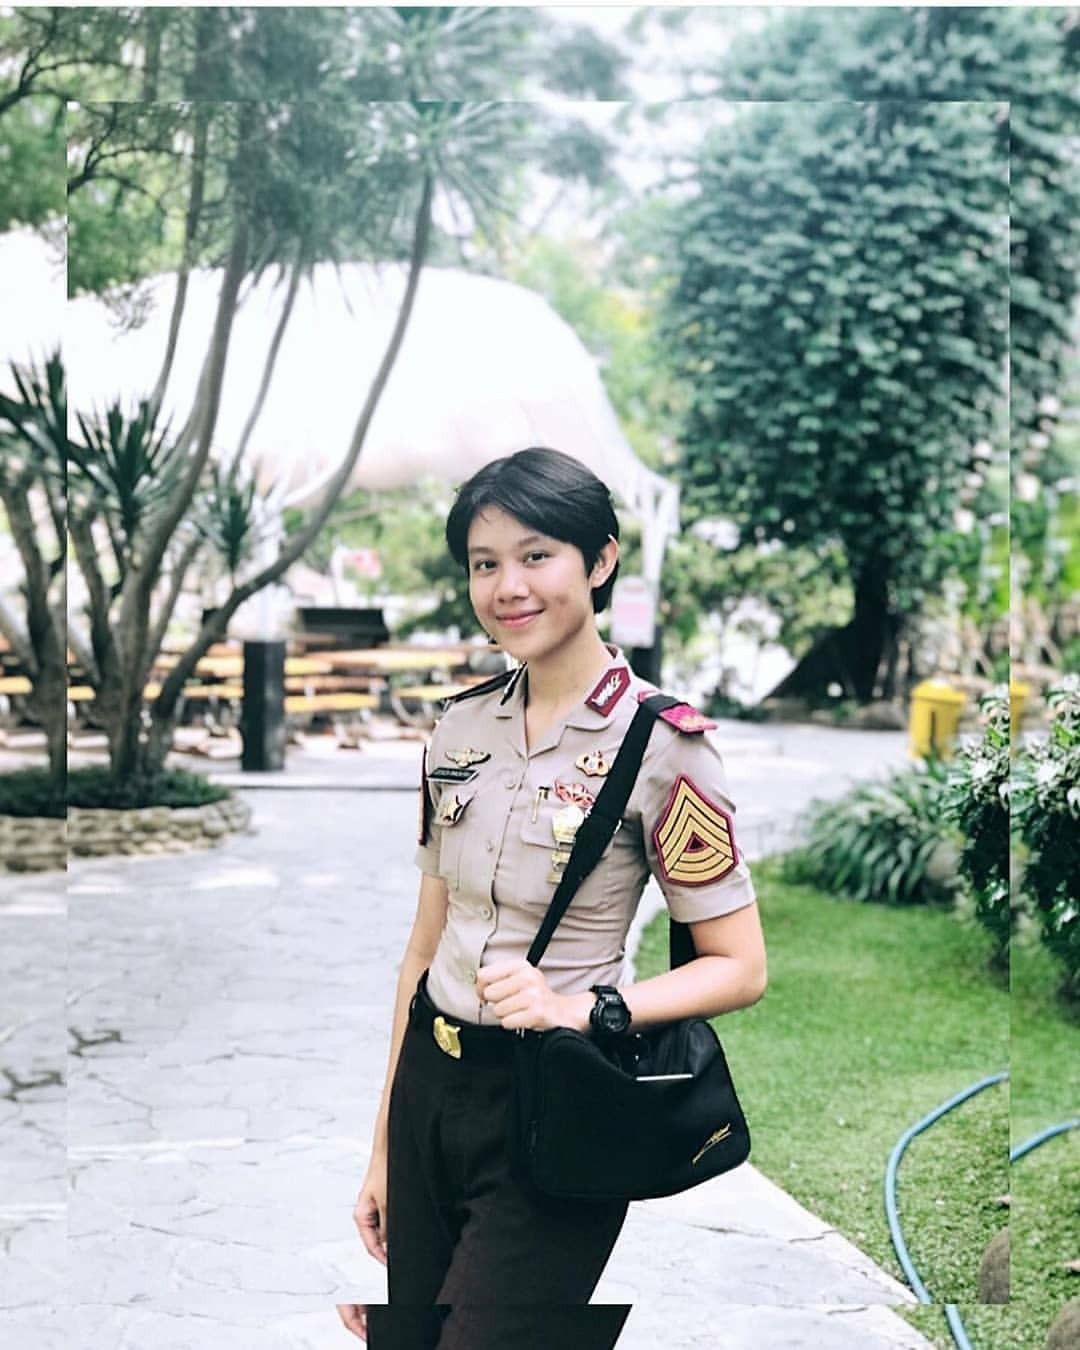 Pin Oleh Andy Ahdiyan Di Polwan Tni Cantik Indonesia Wanita Pejuang Wanita Wanita Cantik